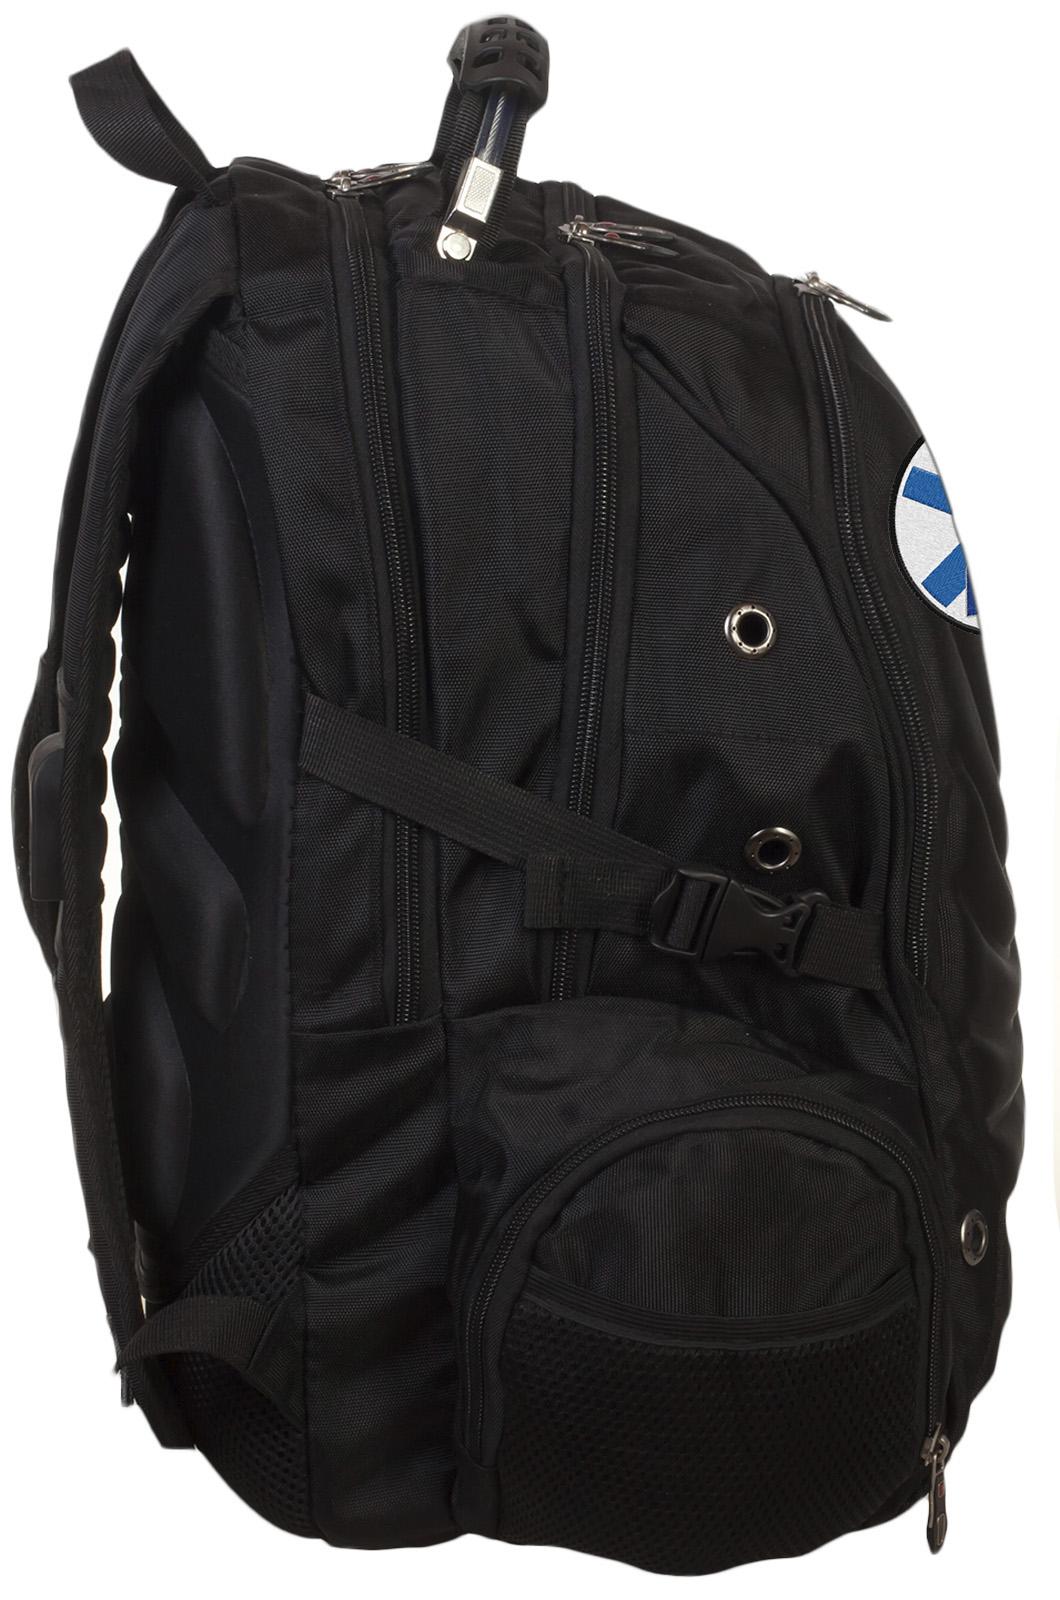 Черный эргономичный рюкзак с нашивкой За ВМФ - заказать онлайн